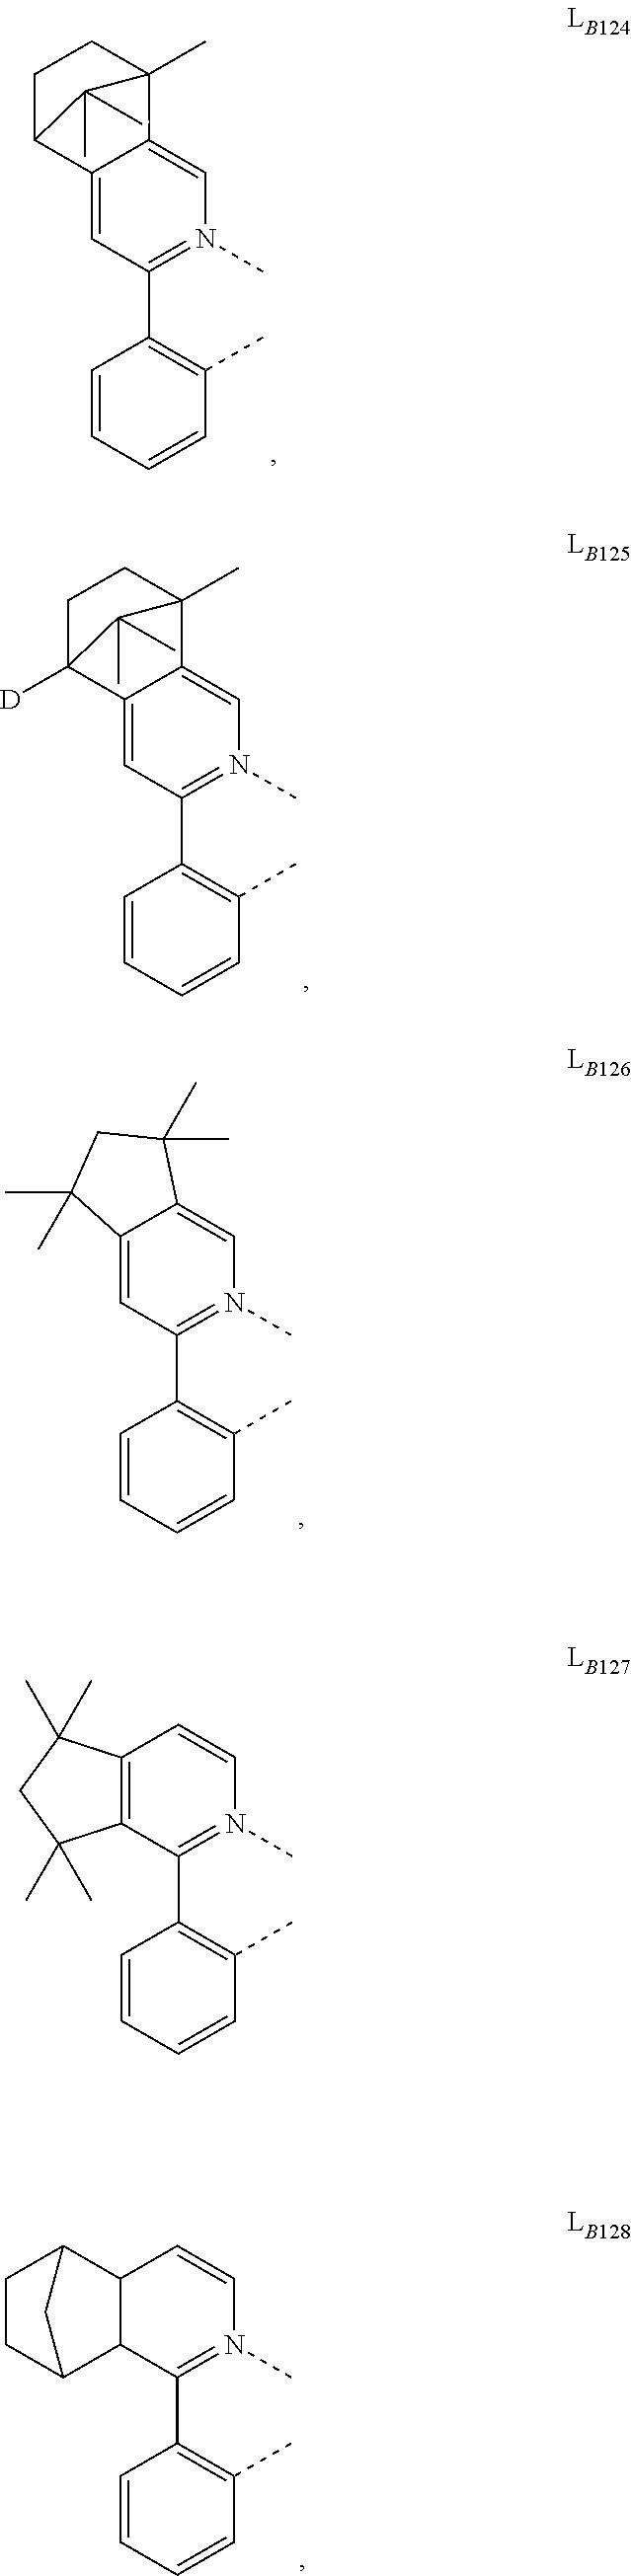 Figure US20160049599A1-20160218-C00138